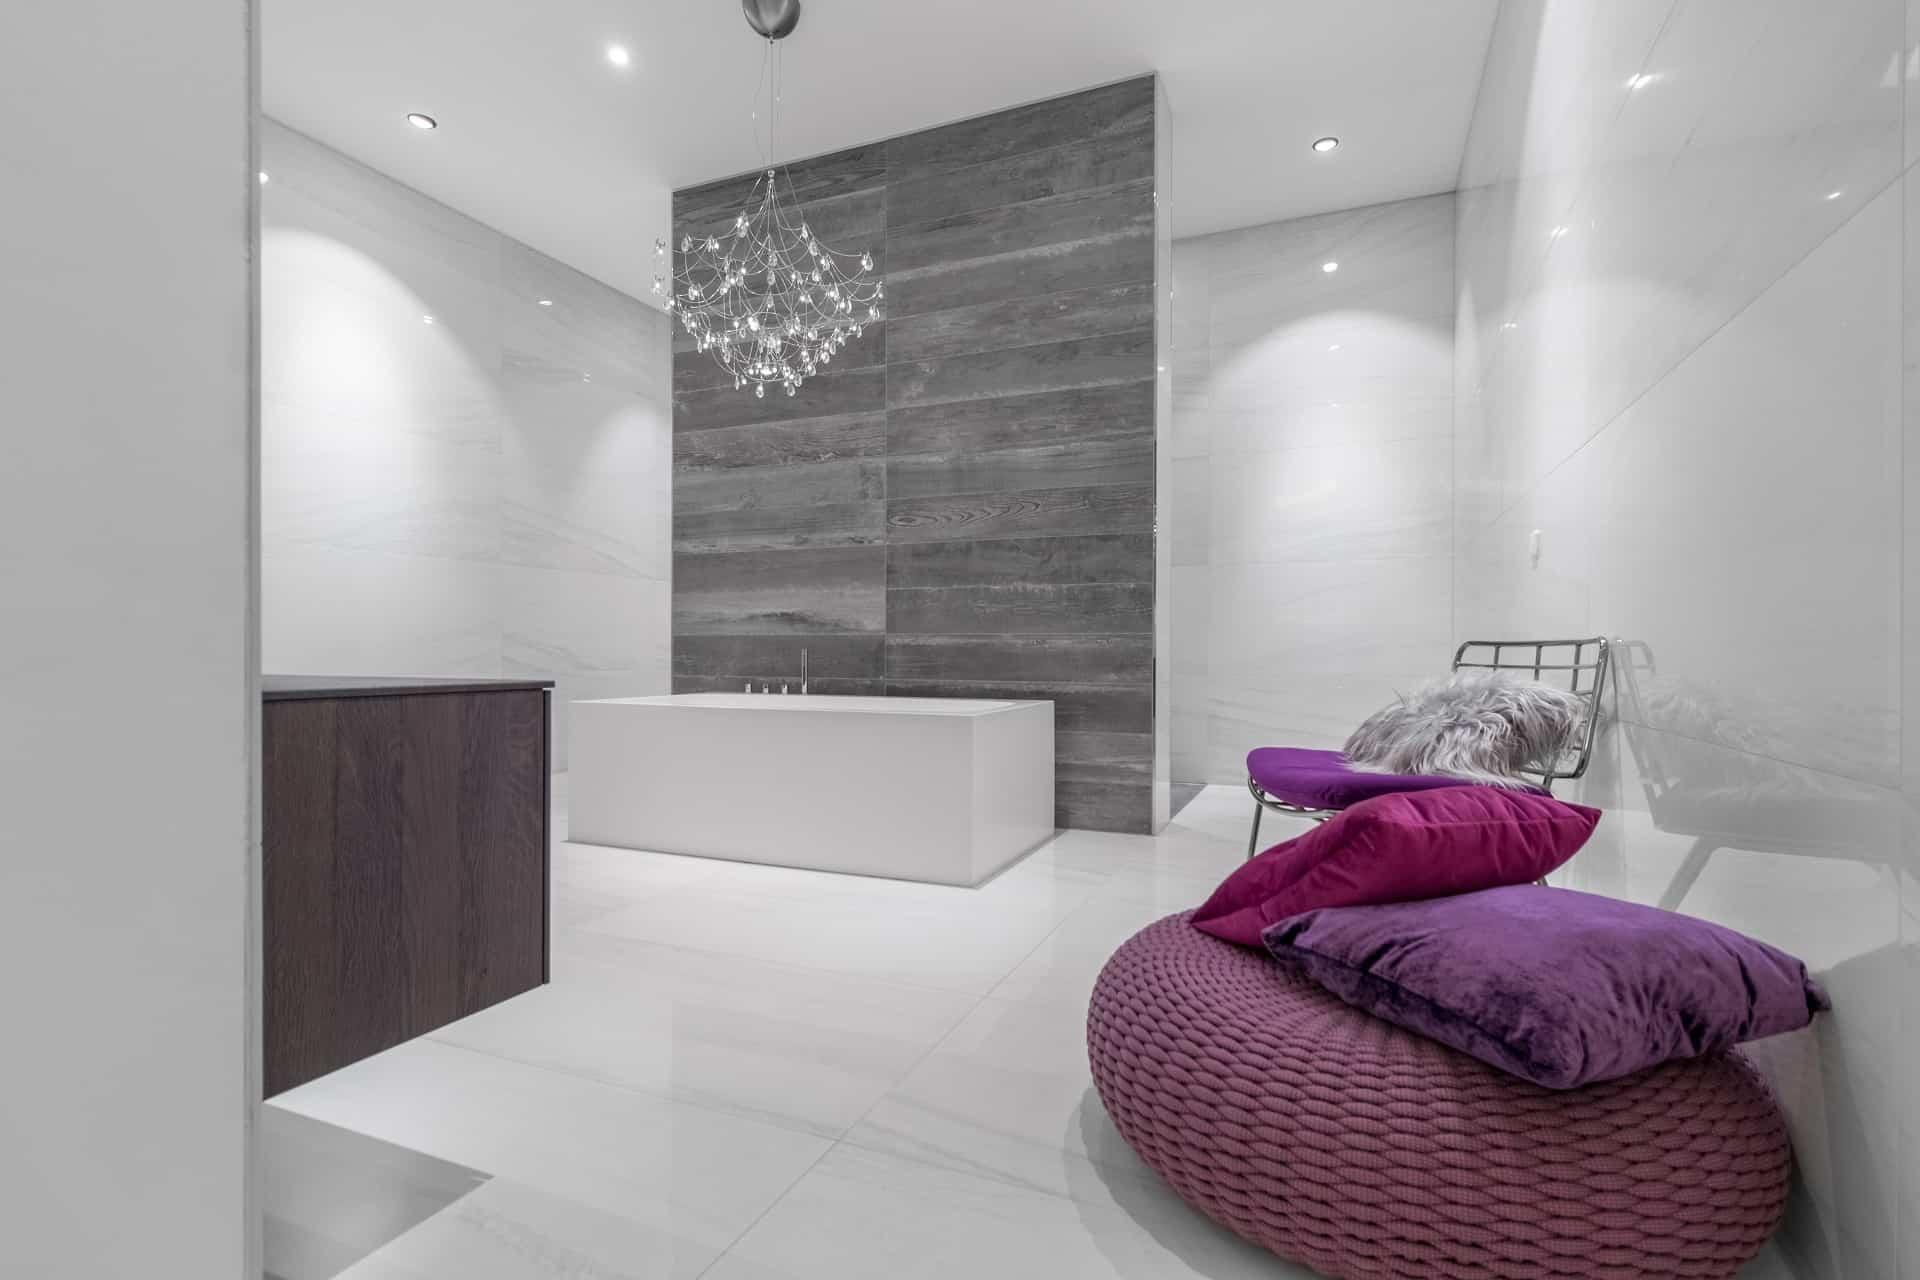 fliesen k gler hofquartier einrichtung inneneinrichtung vieles mehr. Black Bedroom Furniture Sets. Home Design Ideas